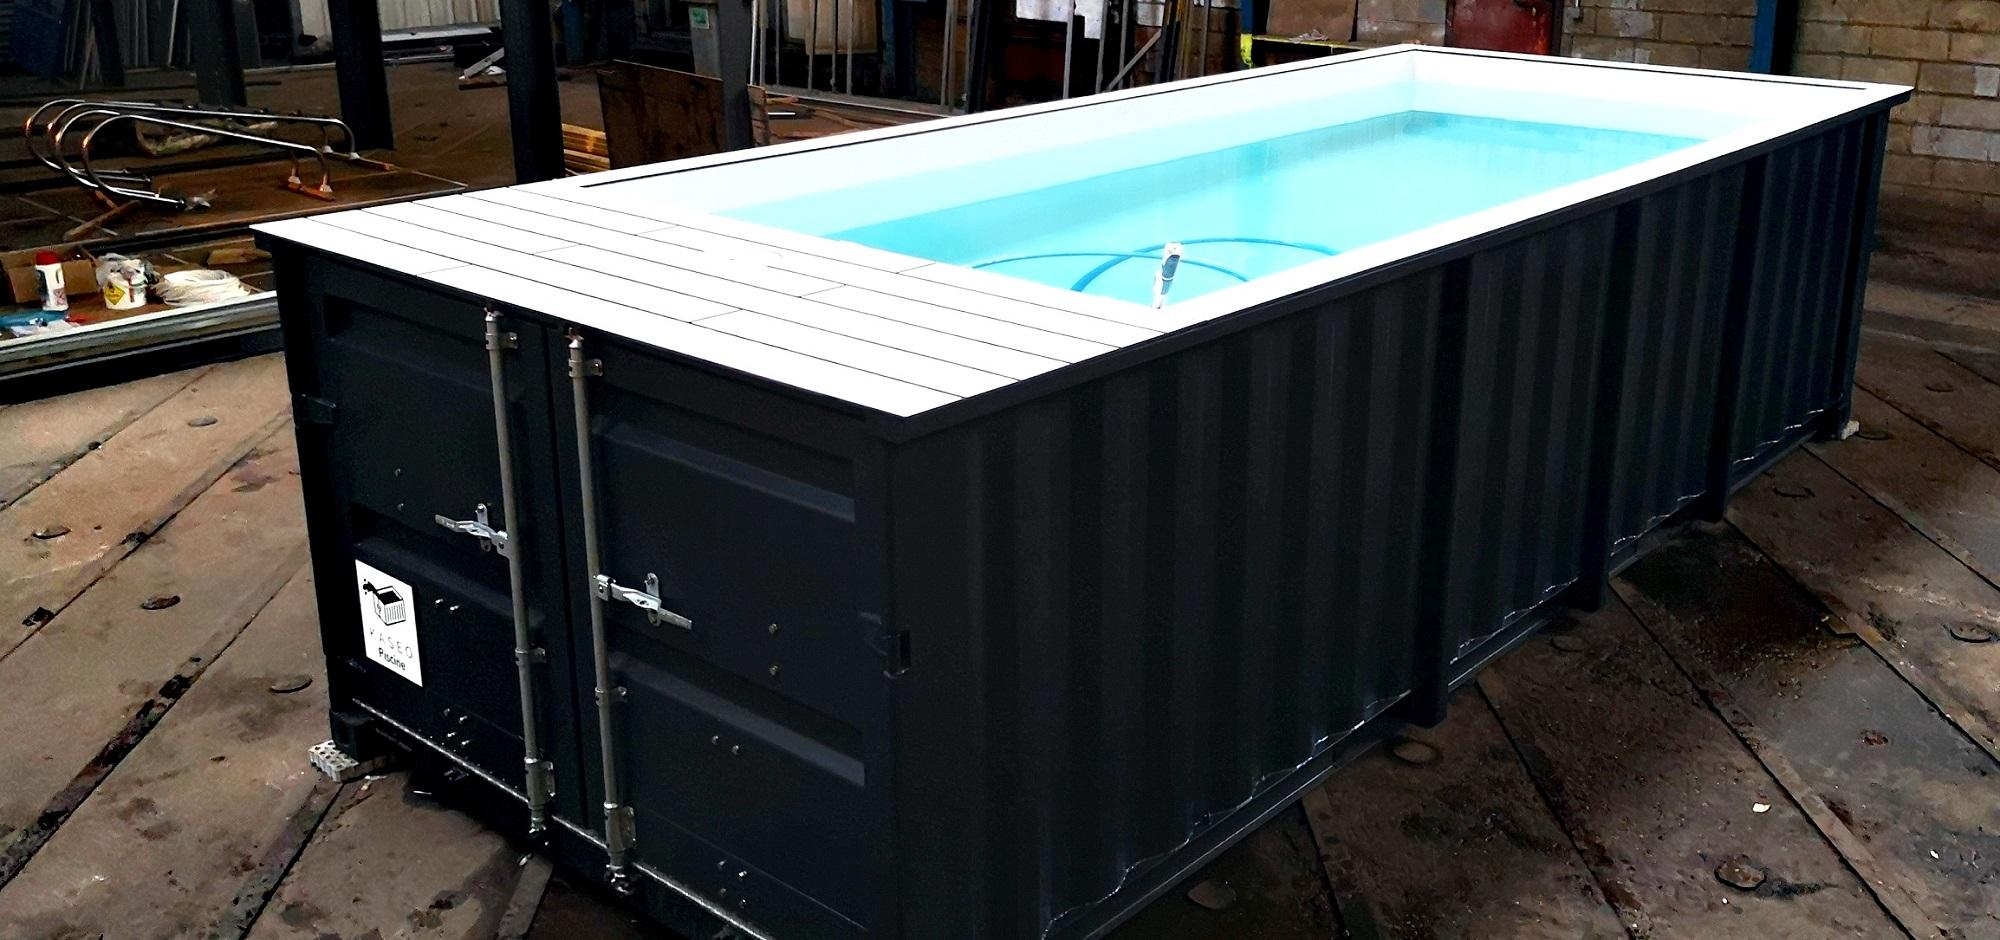 Projet 2018 : Le Container Piscine - Kaseo tout Piscine Conteneur